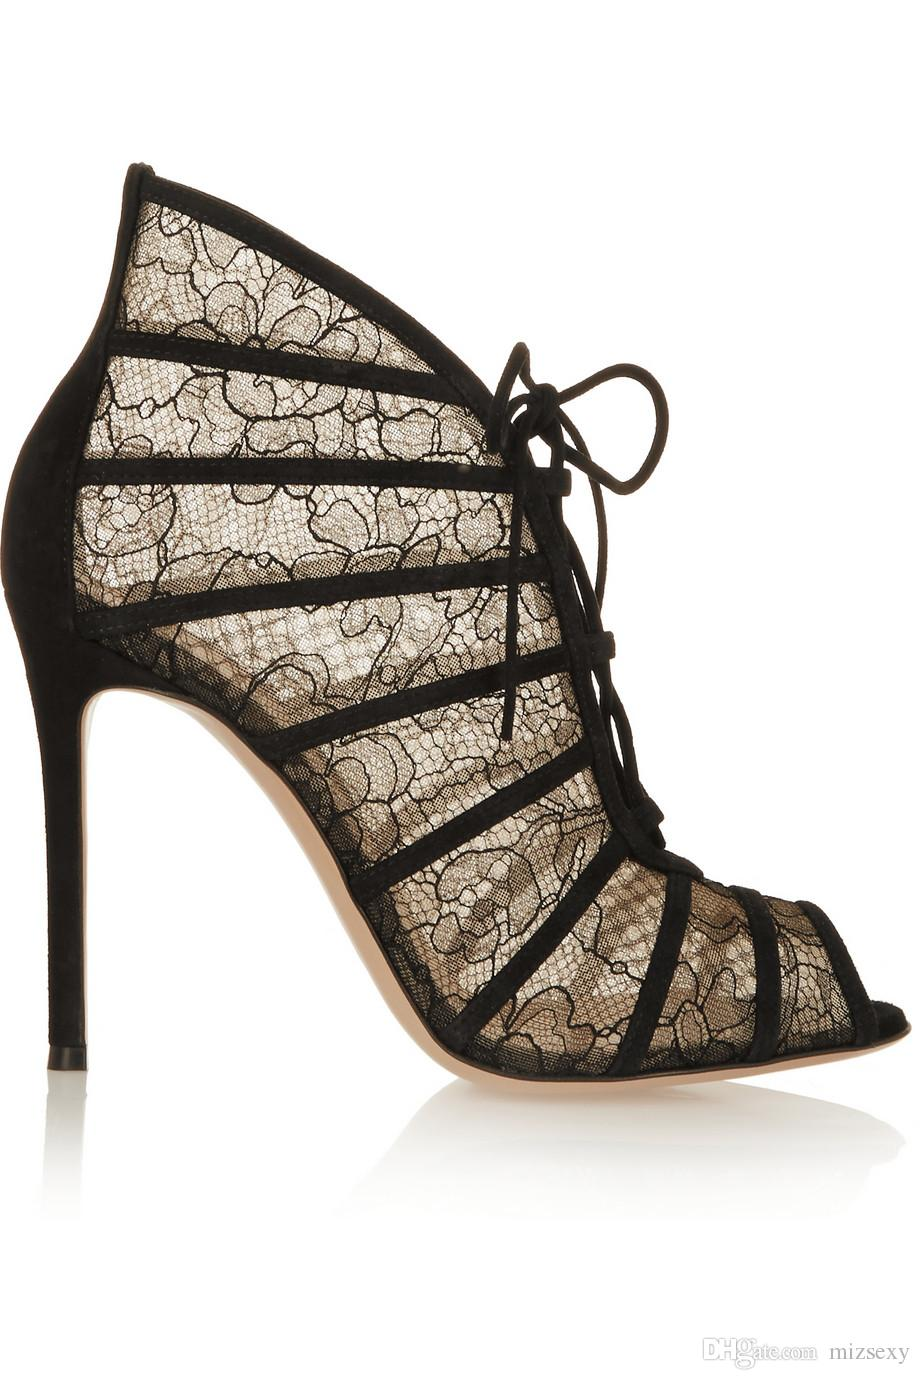 2018 novos sapatos de moda mulheres sandálias cut-outs lace peep toe gladiador sandálias de salto alto mulher sandalias sapatos de festa na moda